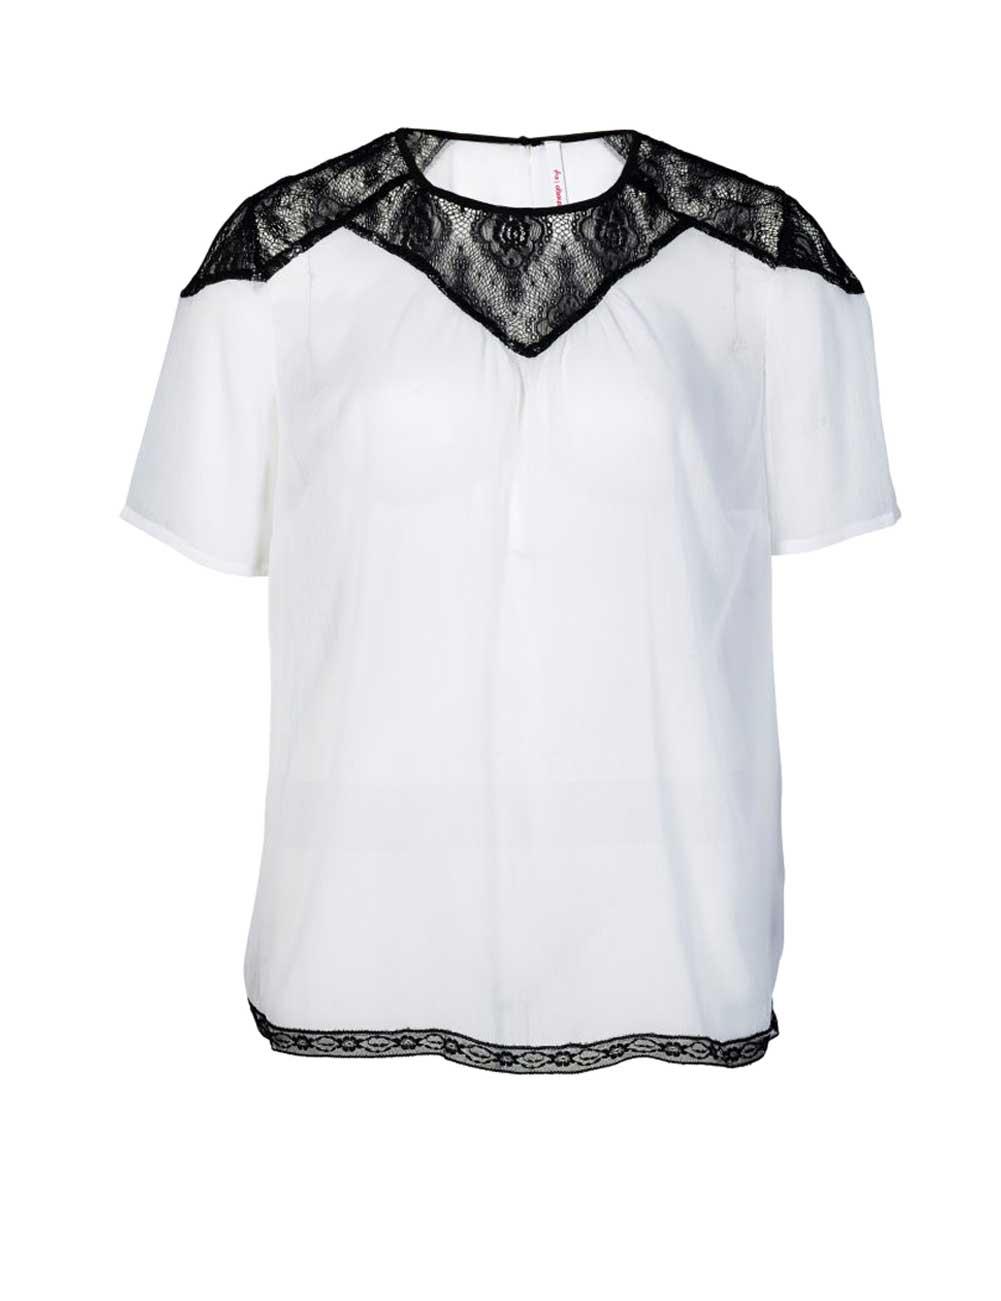 Chiffonbluse mit Spitze Oberteil kurzarm Damenbluse halbarm schwarz weiß Missforty